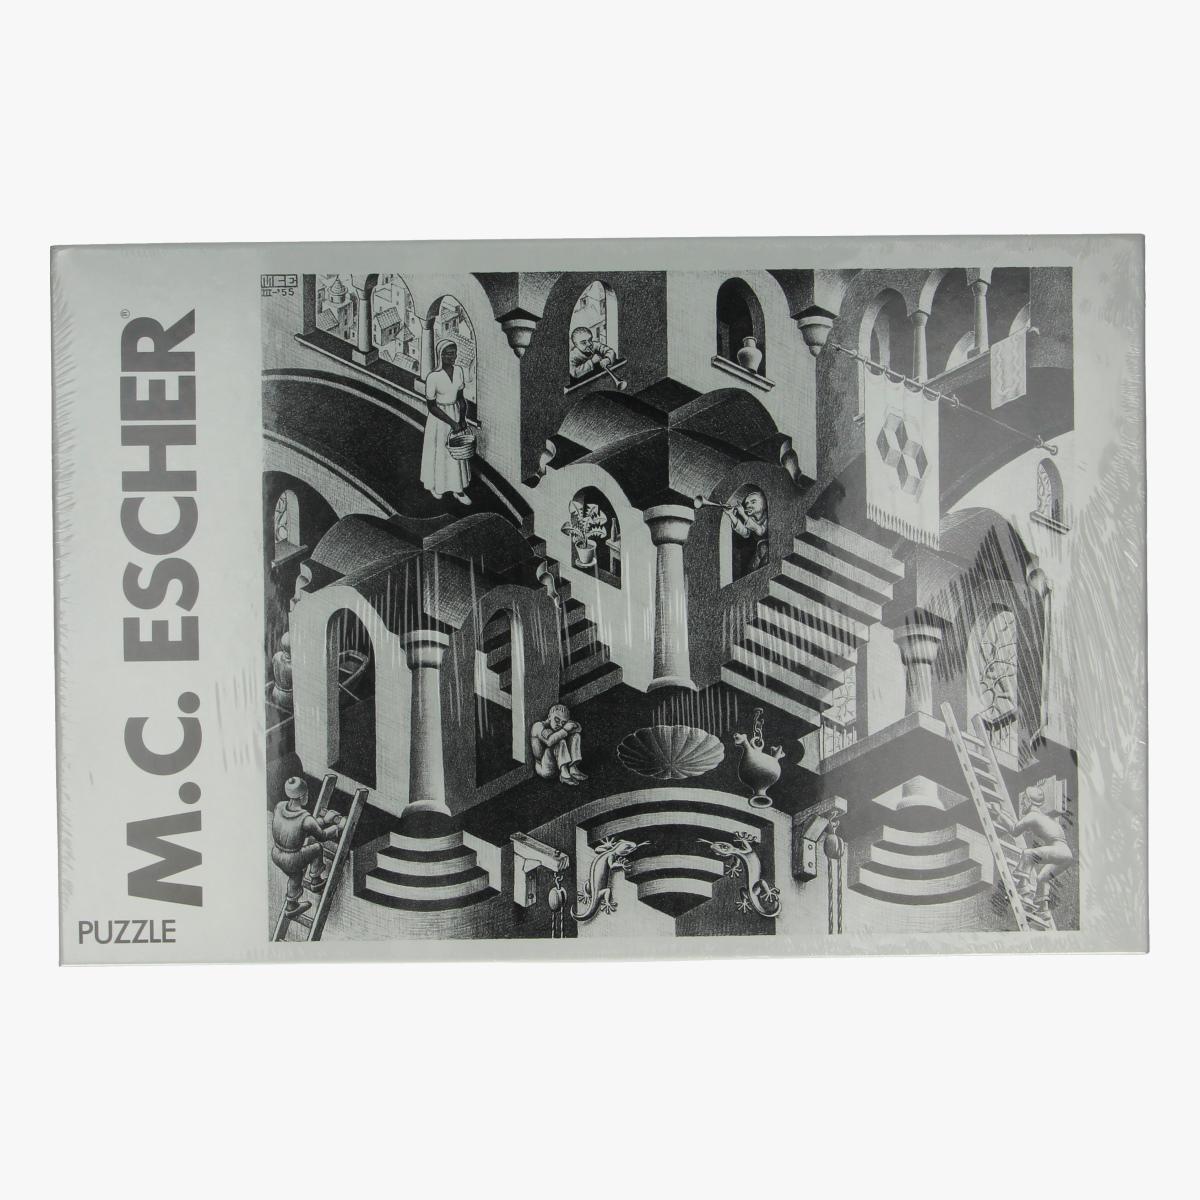 Afbeeldingen van Puzzel M.C. Escher concave and convex